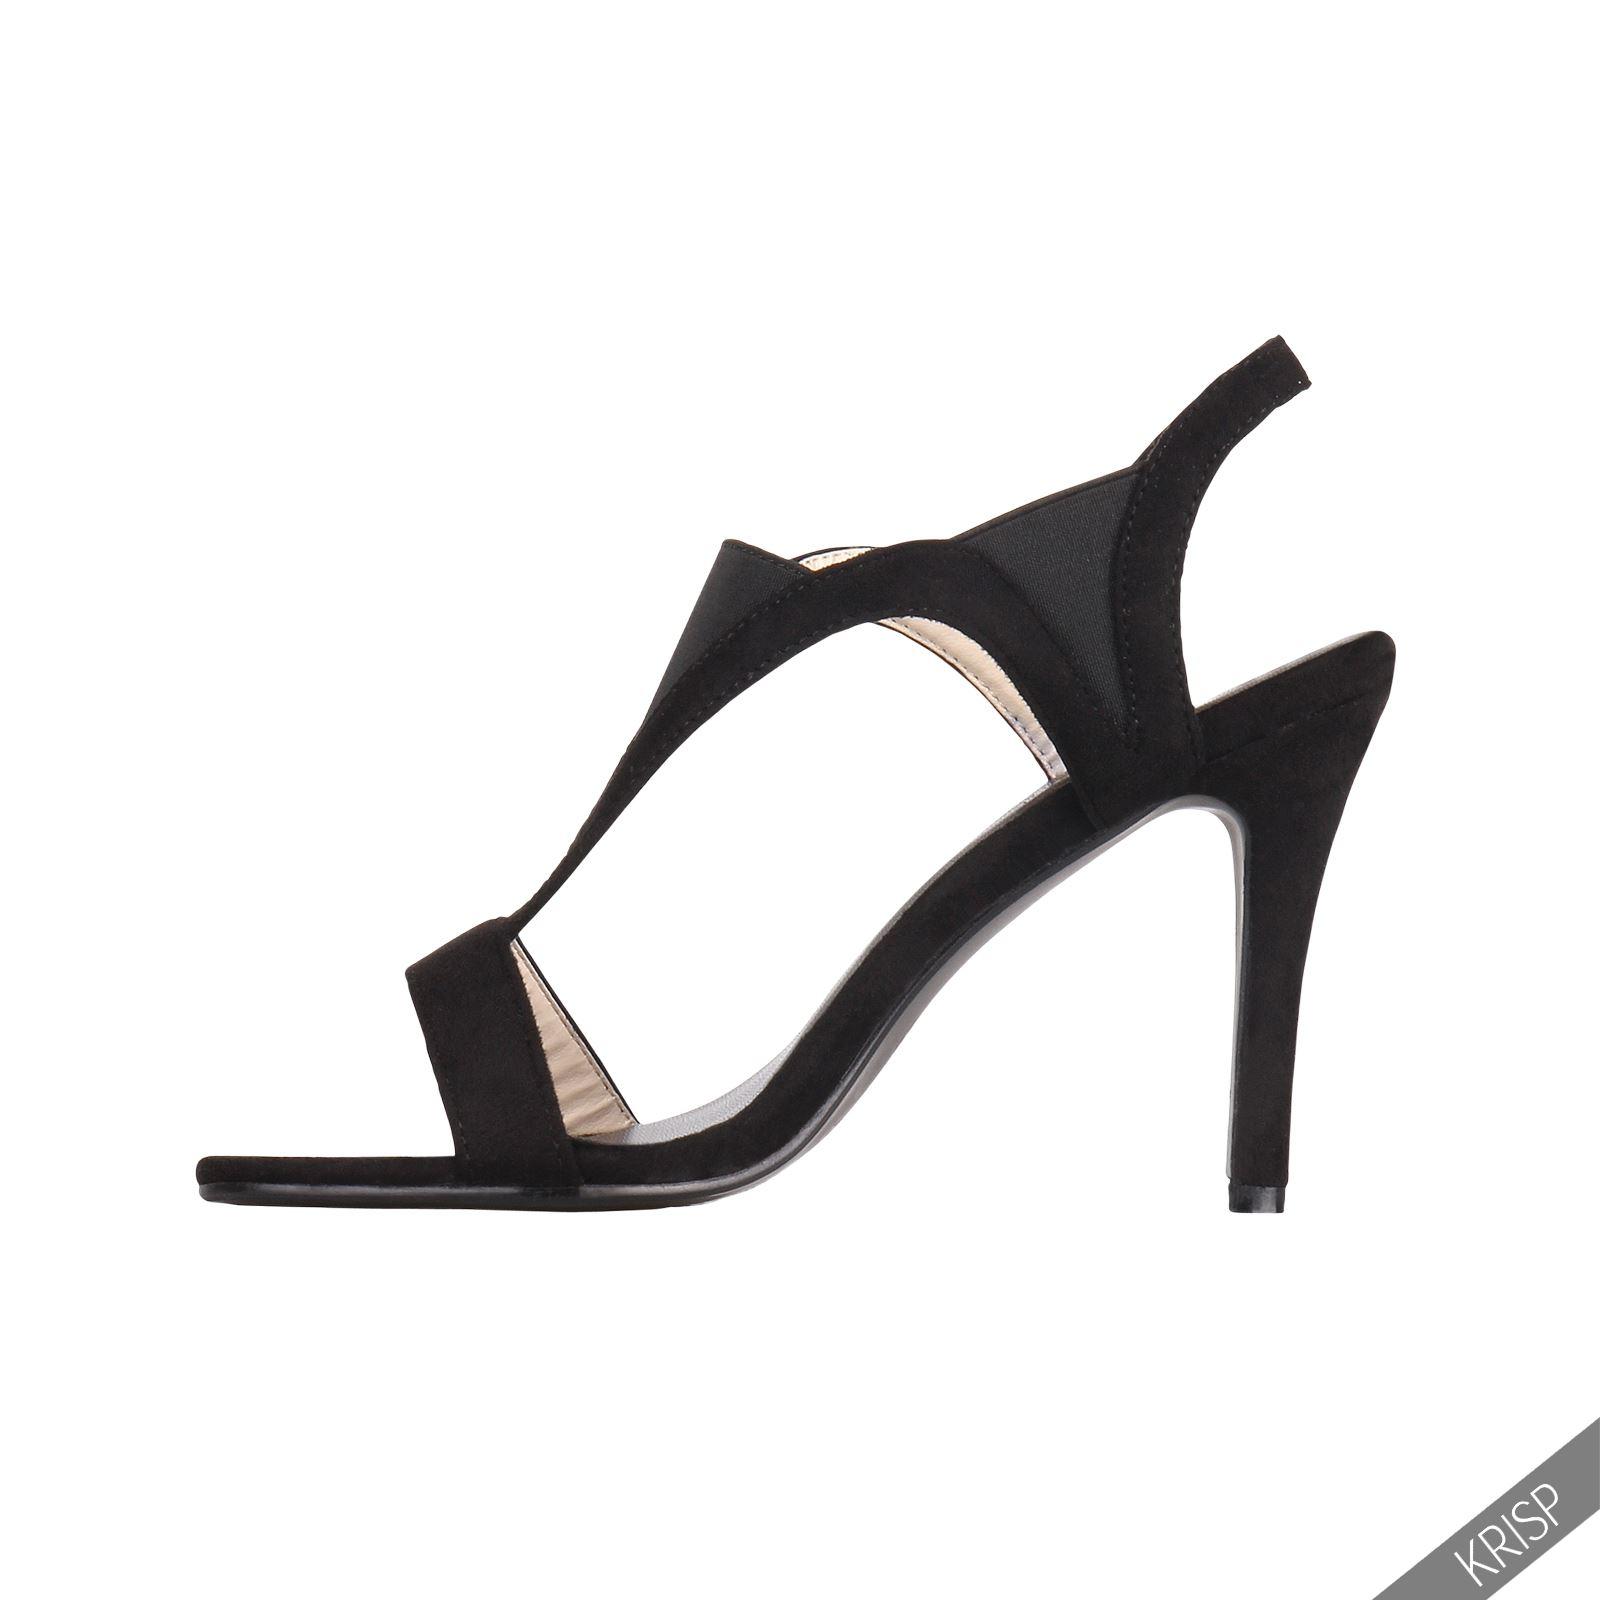 Femmes-Escarpins-Sandales-Chaussures-Talon-Aiguille-Suede-Daim-Soirees-Fetes